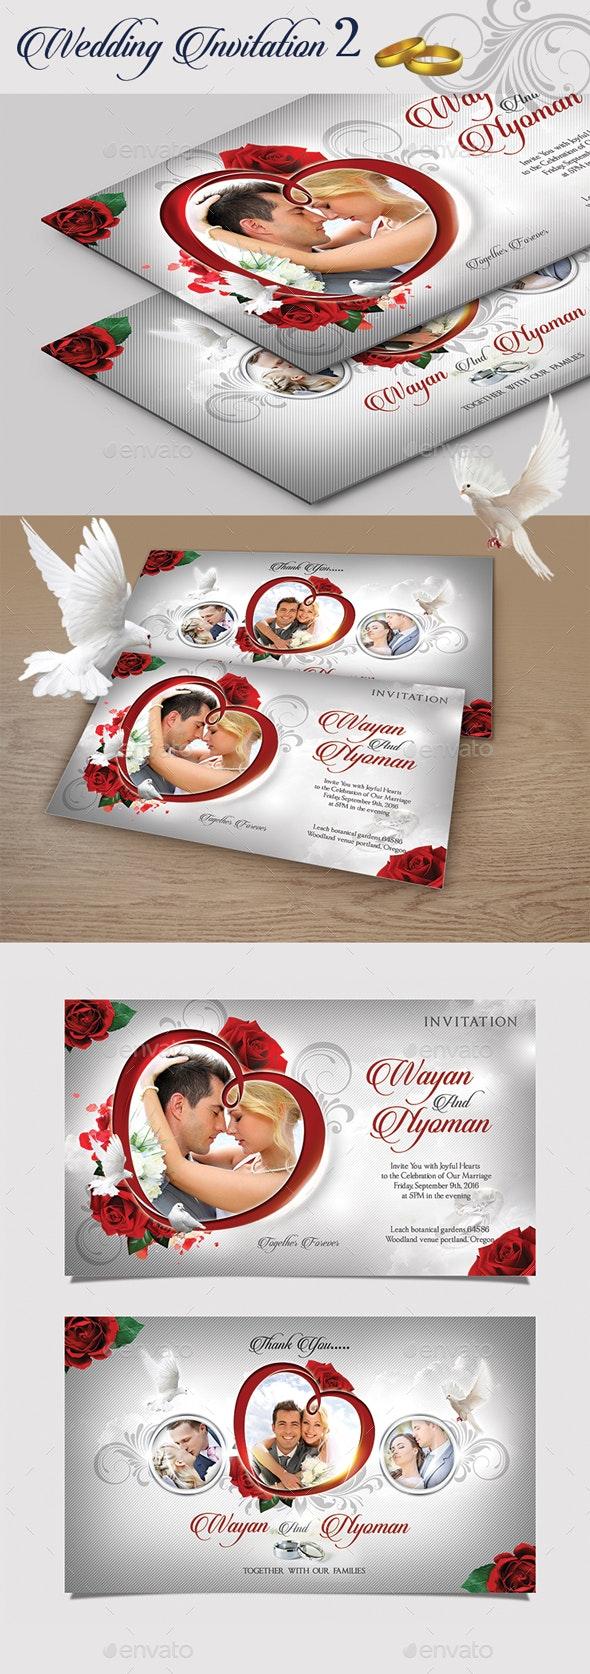 Wedding Invitation II - Invitations Cards & Invites